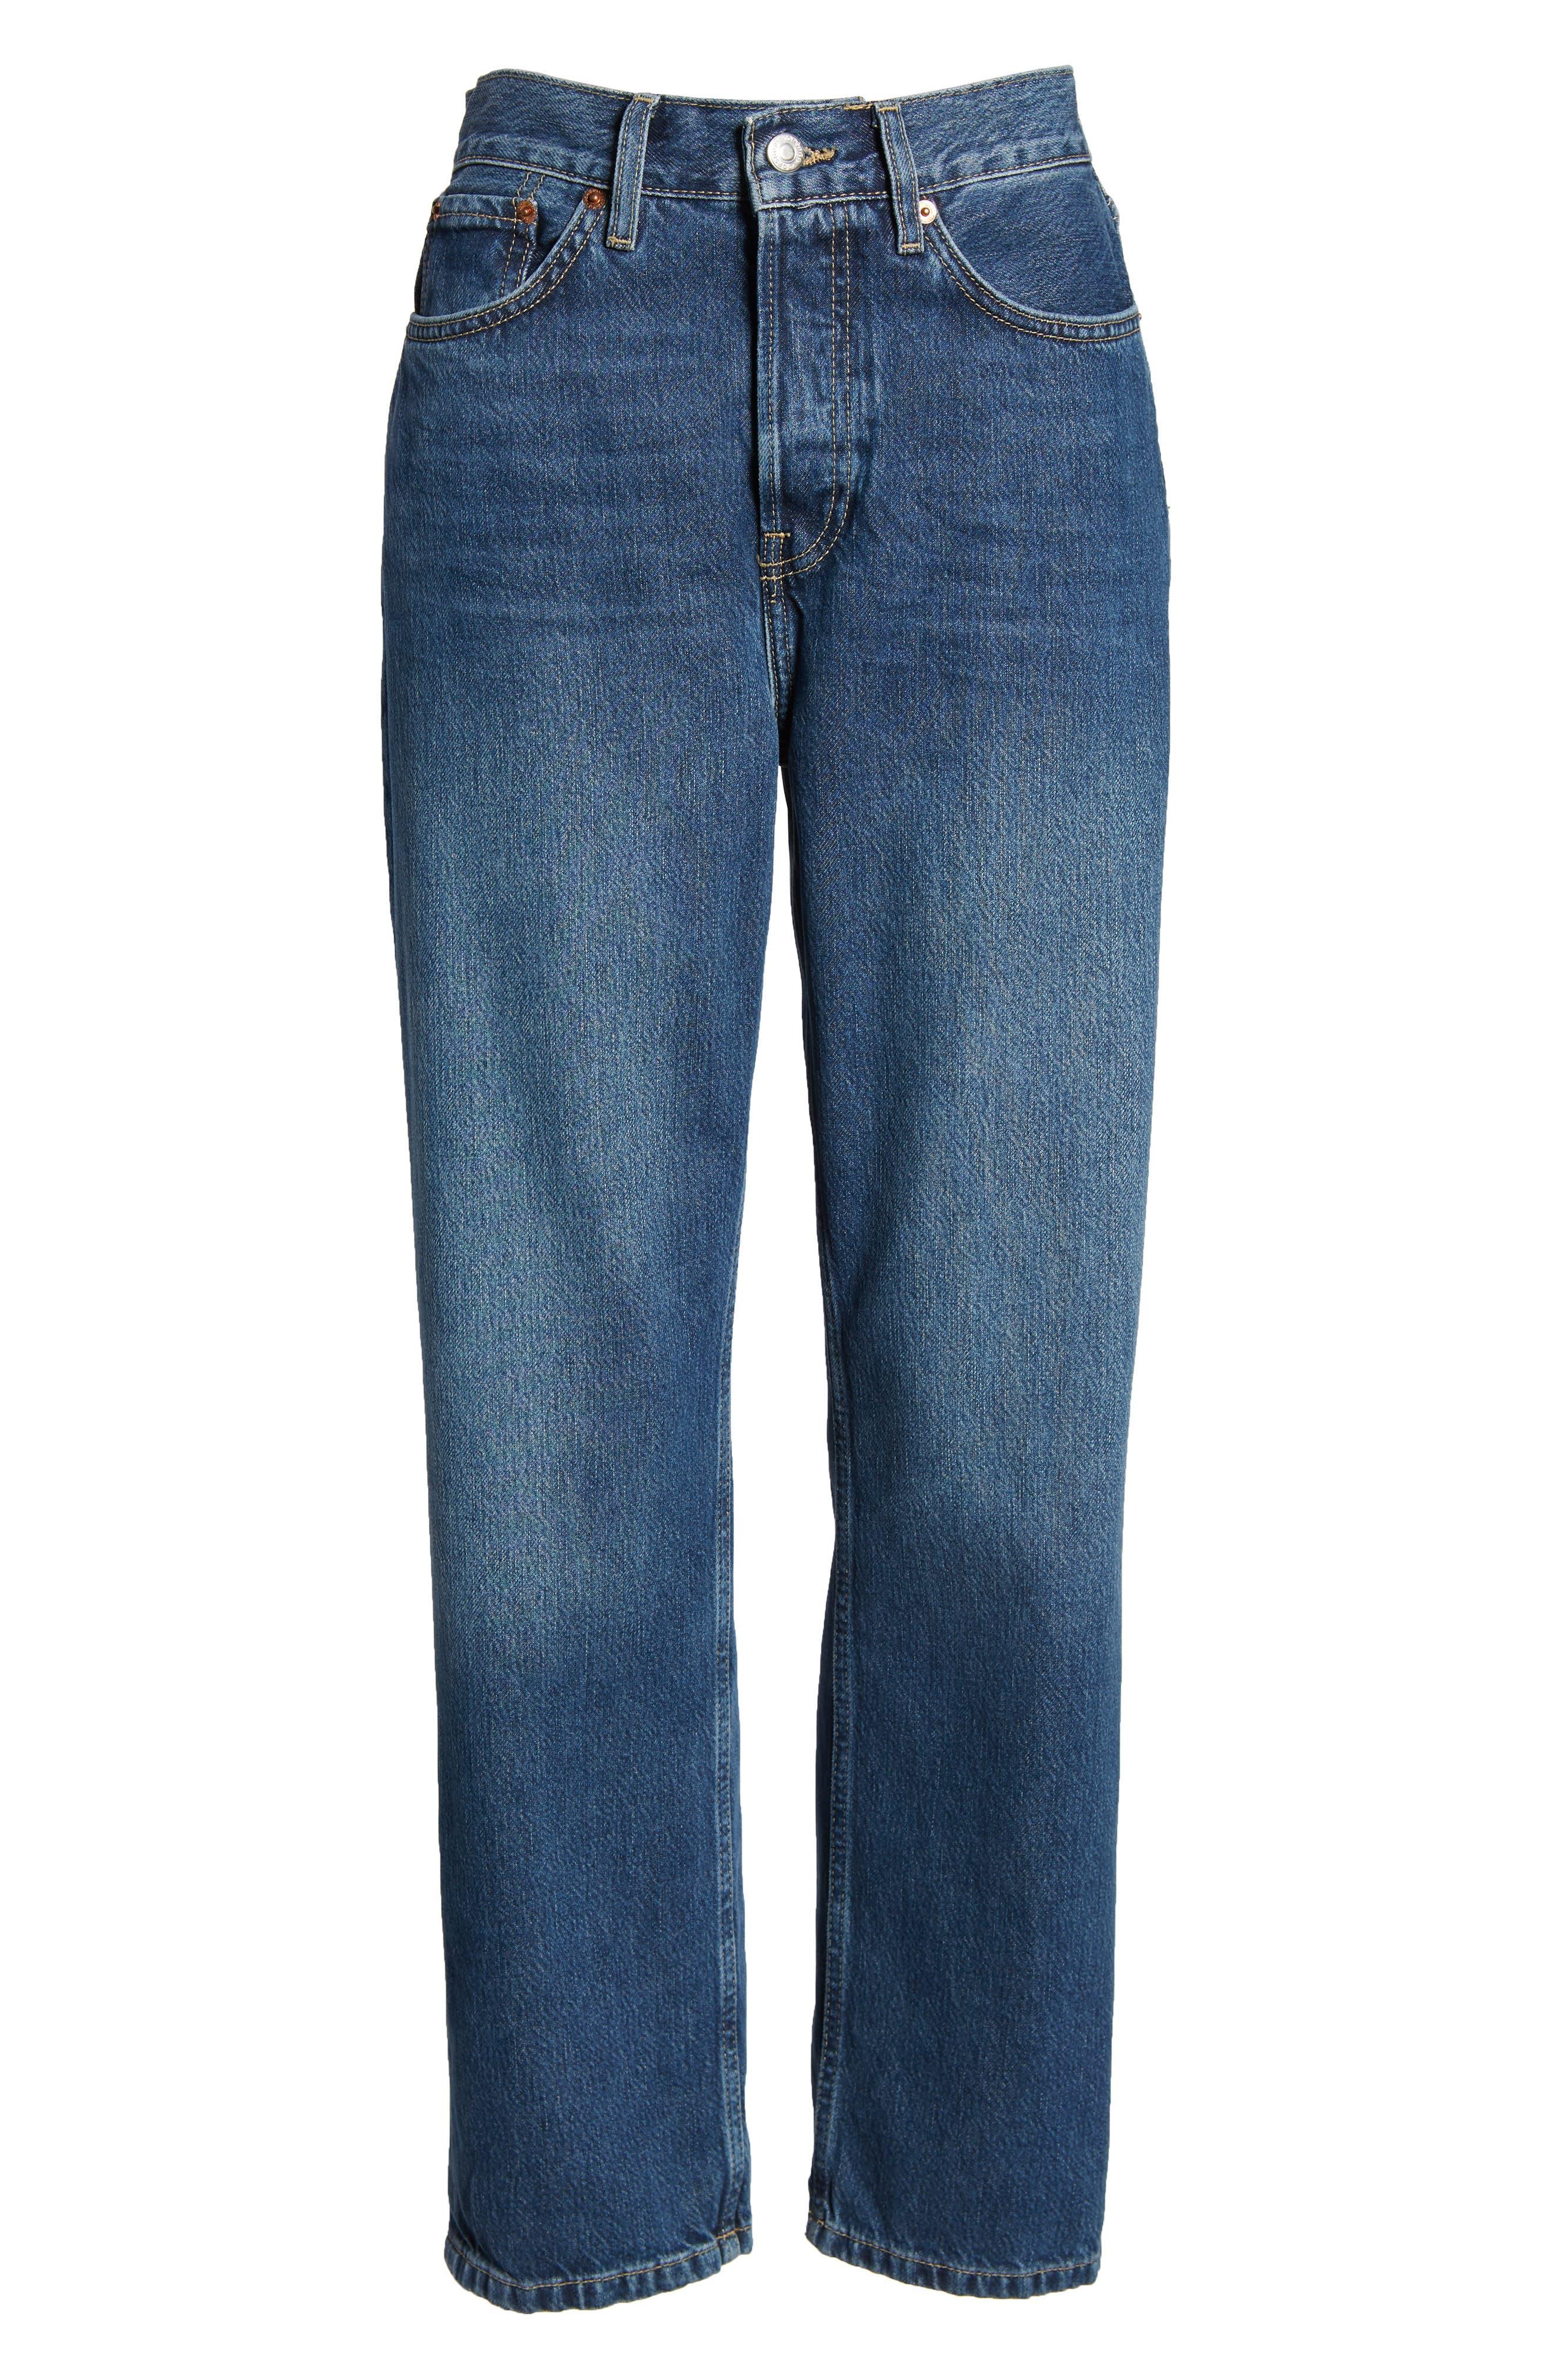 TOPSHOP,                             New Boyfriend Jeans,                             Alternate thumbnail 7, color,                             MID BLUE